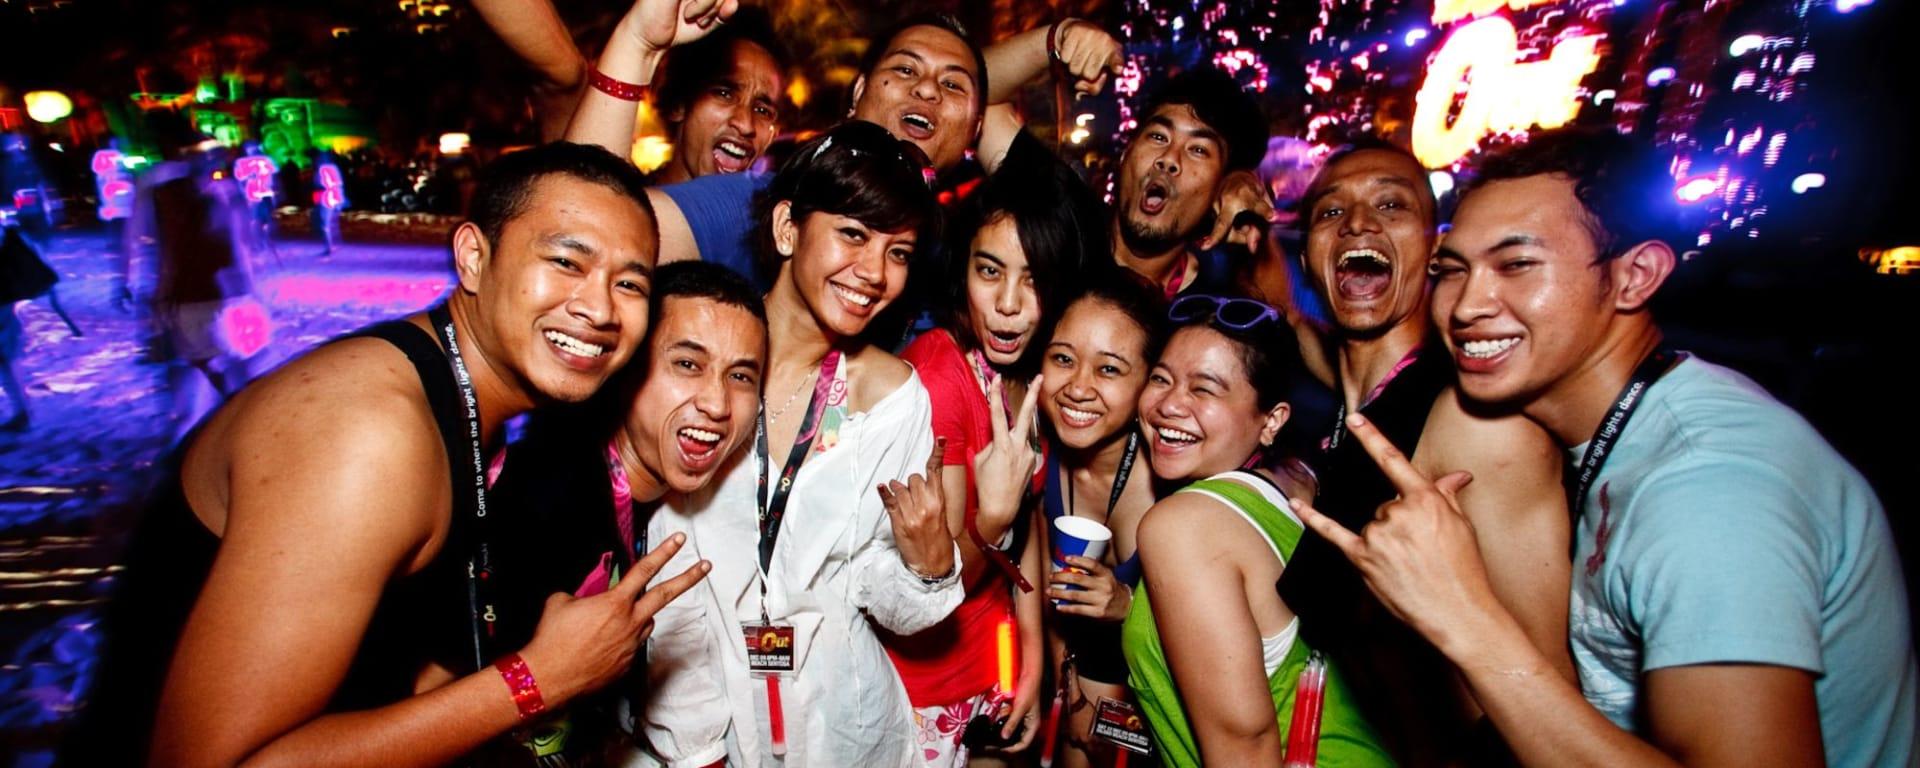 Wissenswertes zu Singapur Reisen und Ferien: Party People